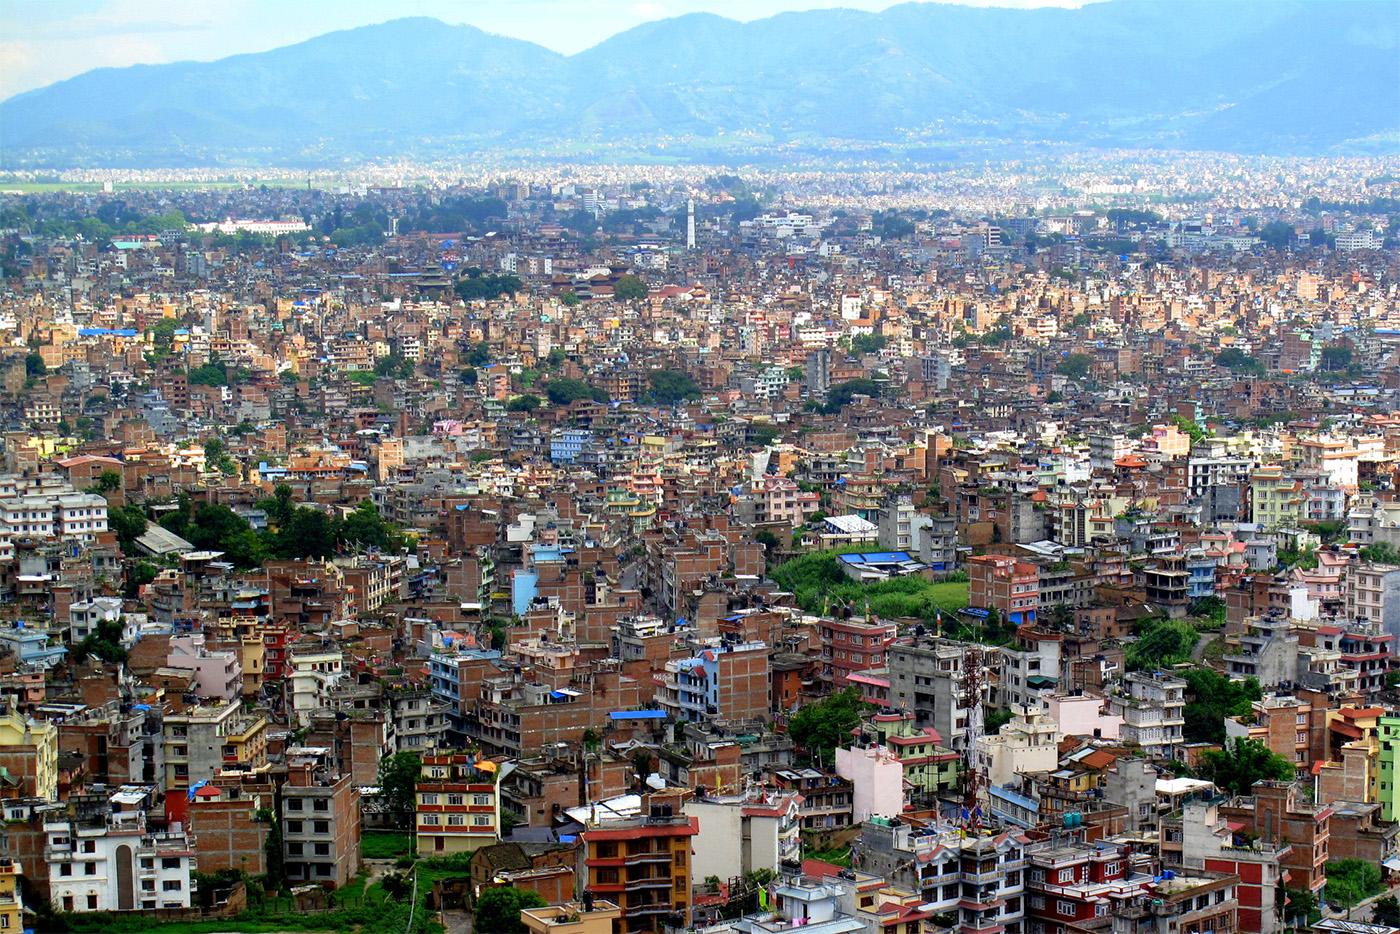 काठमाडौं महानगरपालिकाको भवन निर्माण मापदण्ड।